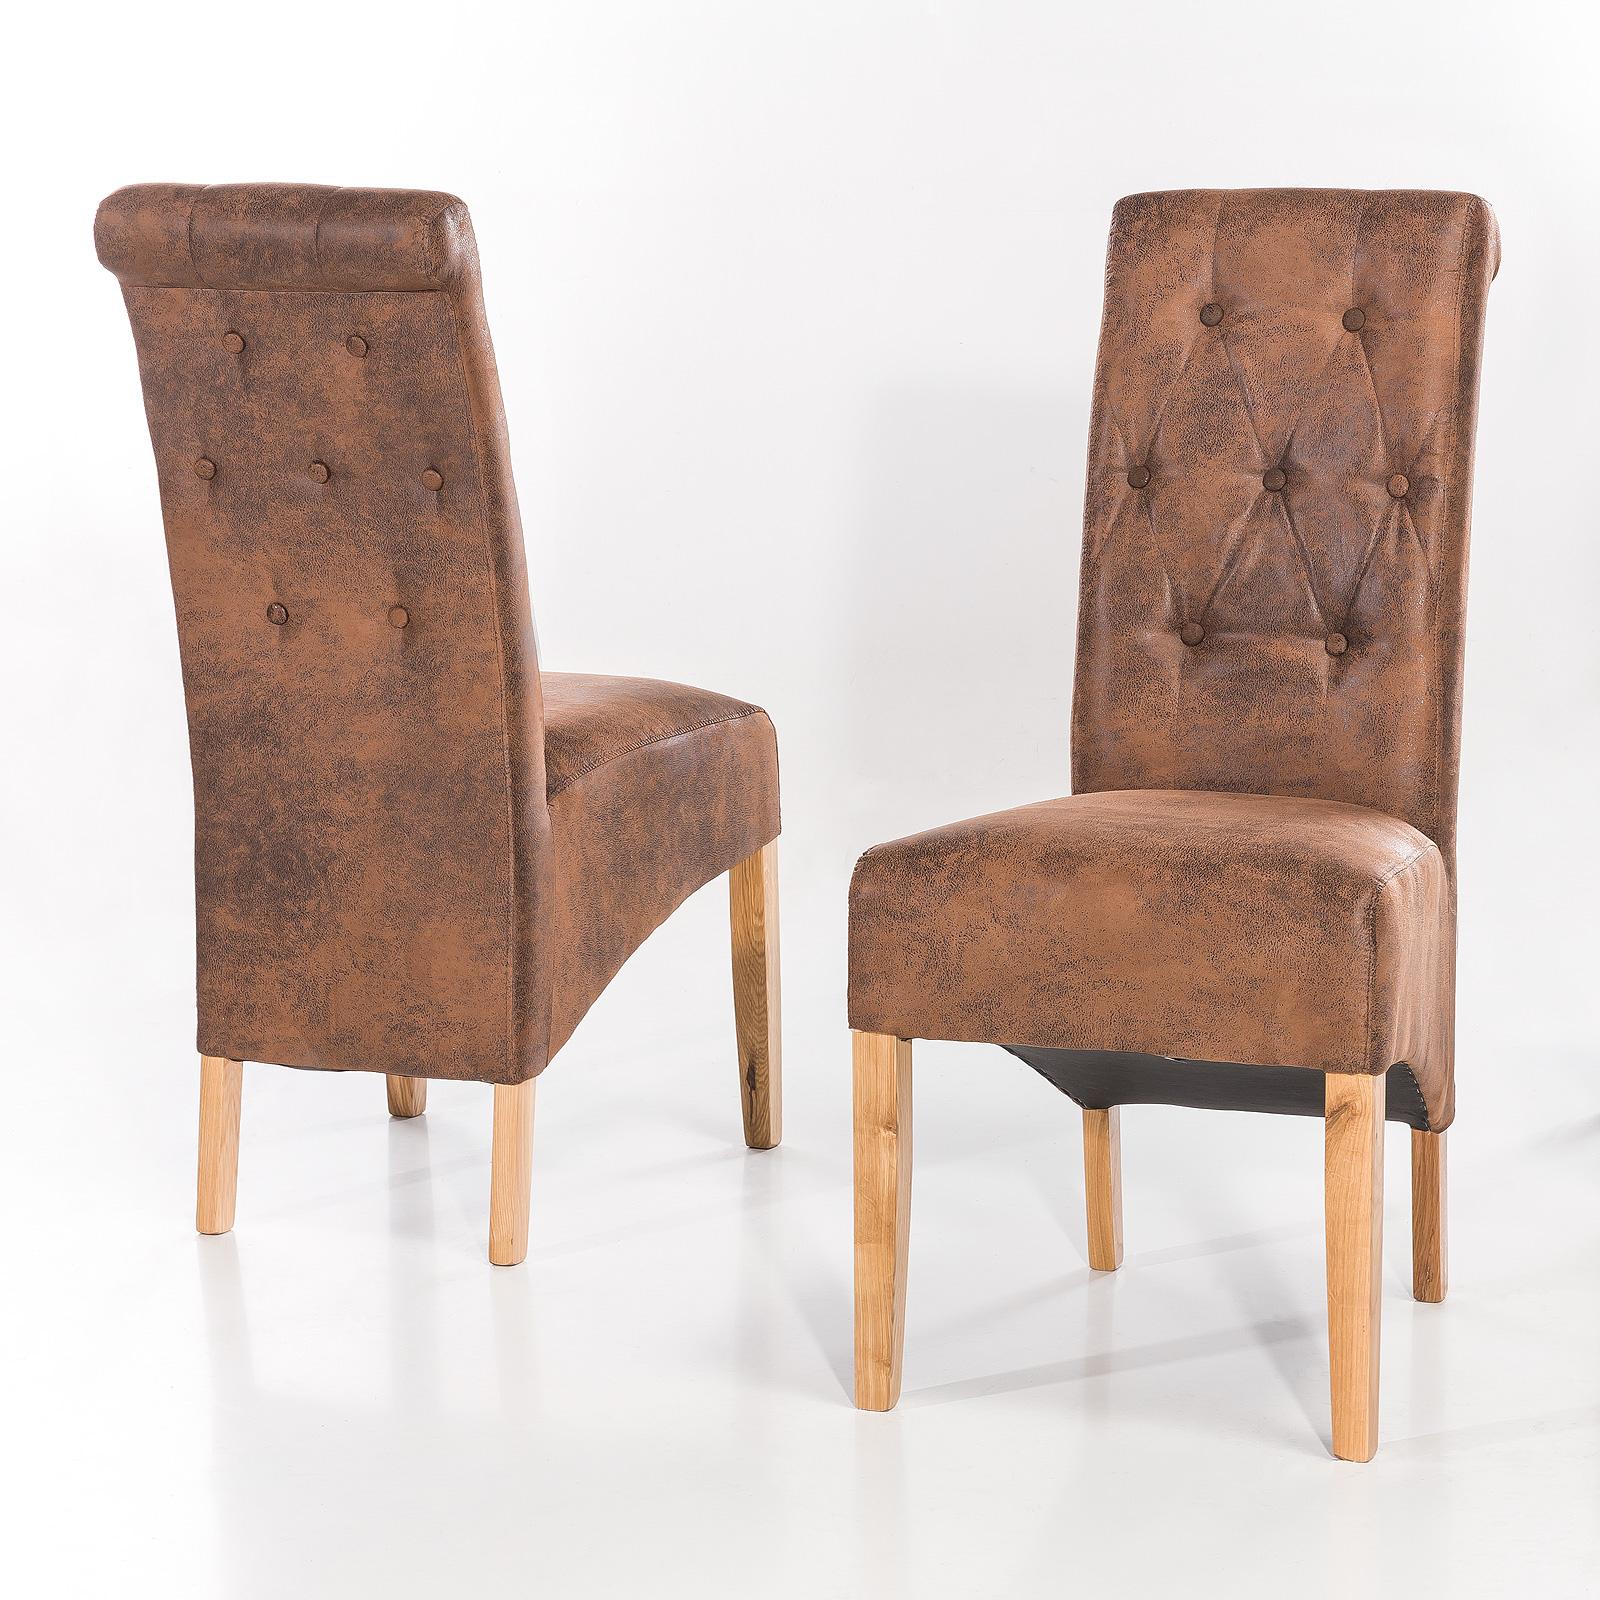 Bemerkenswert Polsterstuhl Eiche Sammlung Von Polsterstuhl-harry-2er-set-stuhl-esszimmerstuhl-wahl-kolonial-